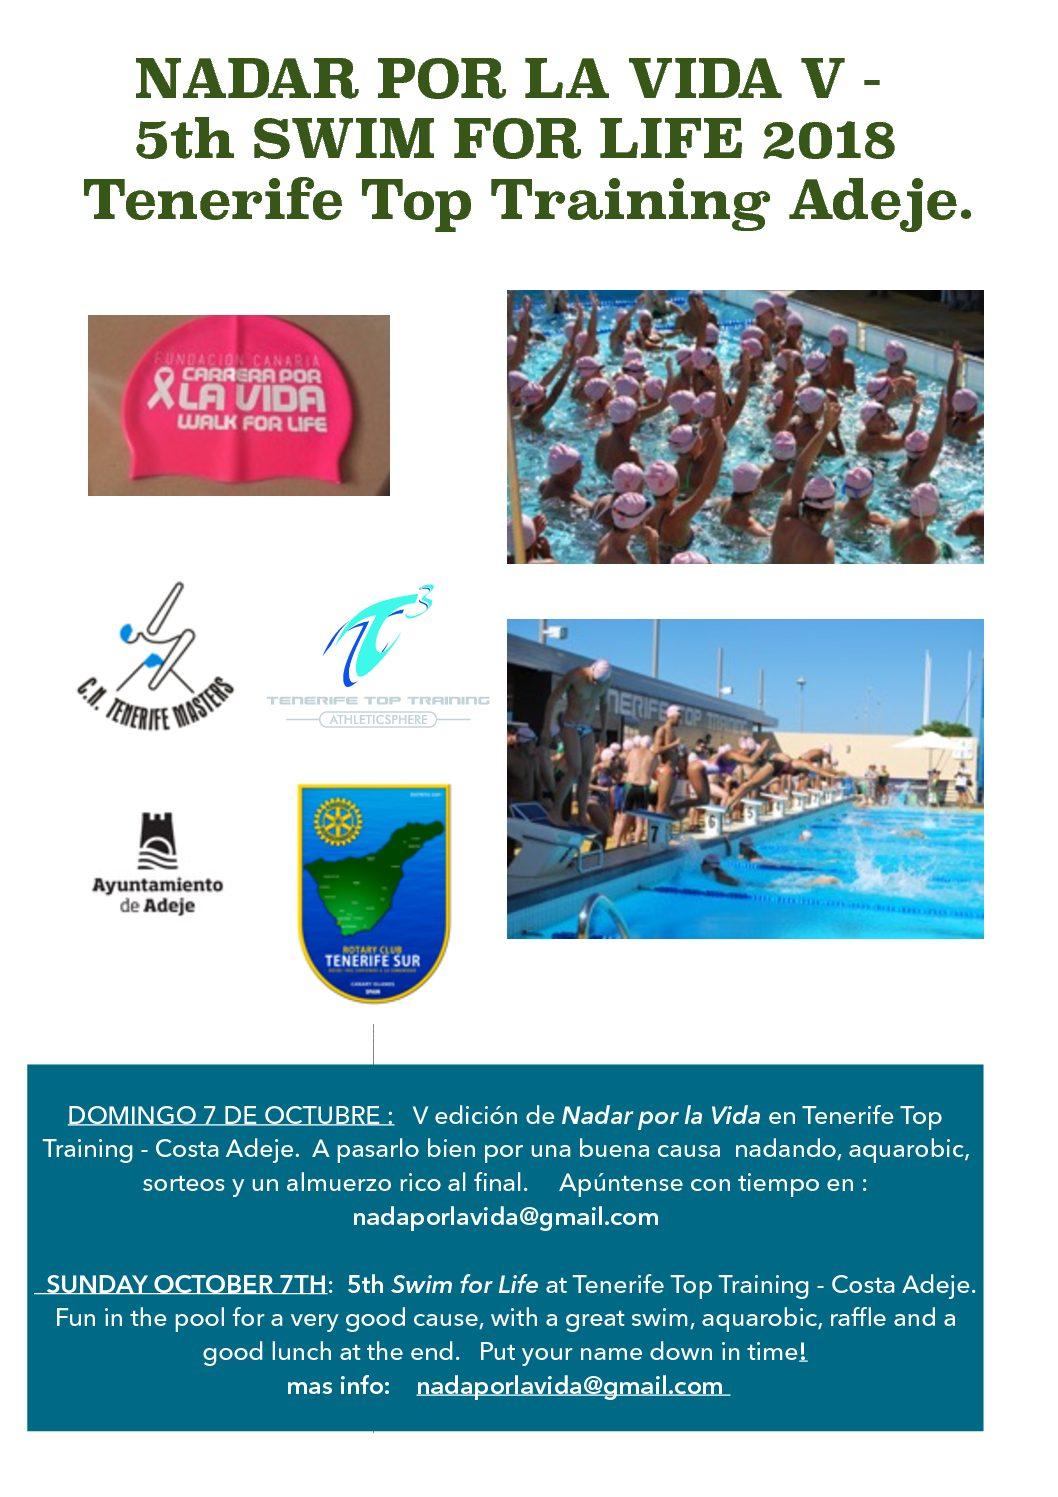 El domingo, 7 de octubre tendrá lugar la V edición de Nadar por la Vida en el T3 de Costa Adeje